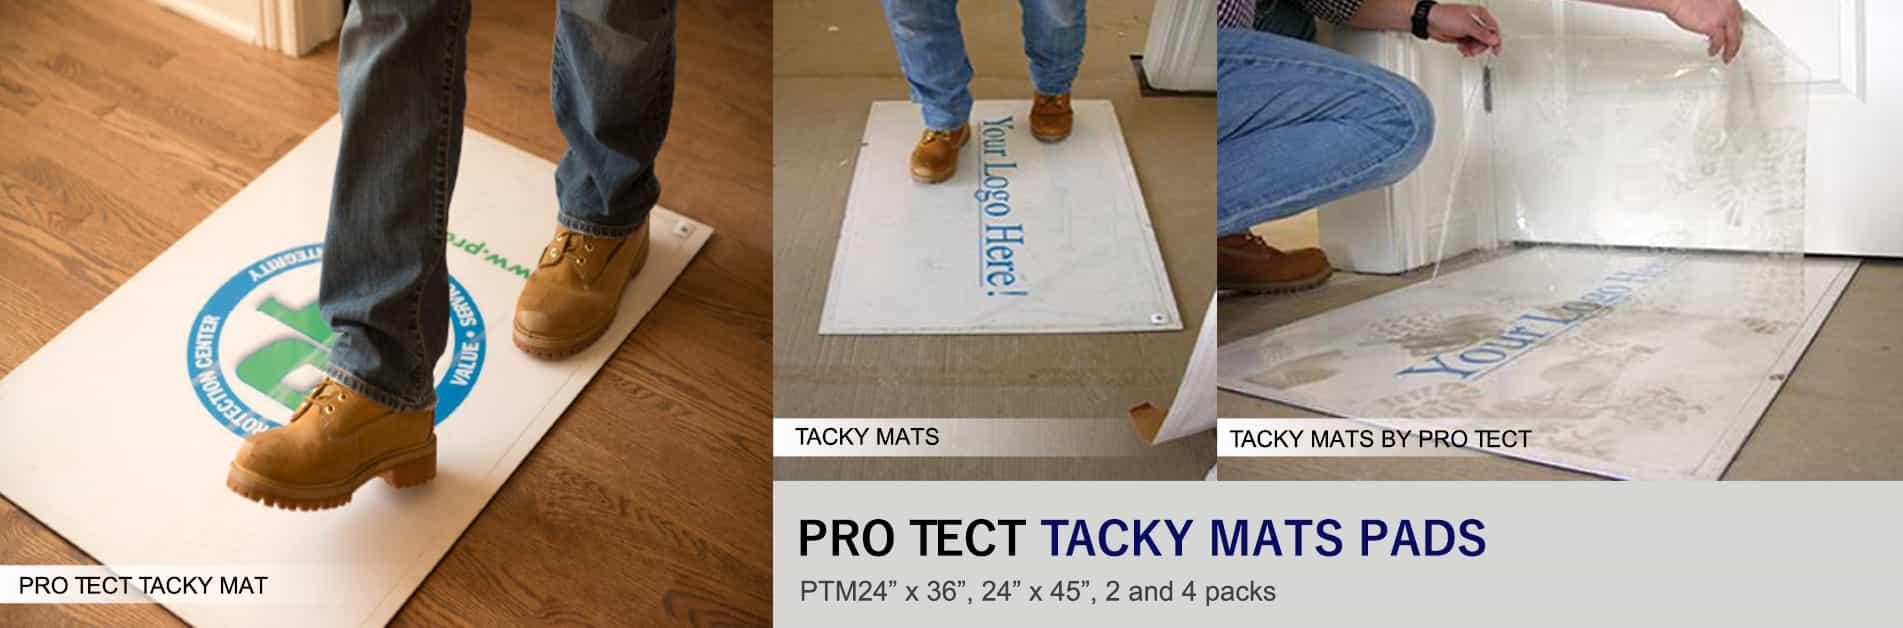 Protect Tacky Mats